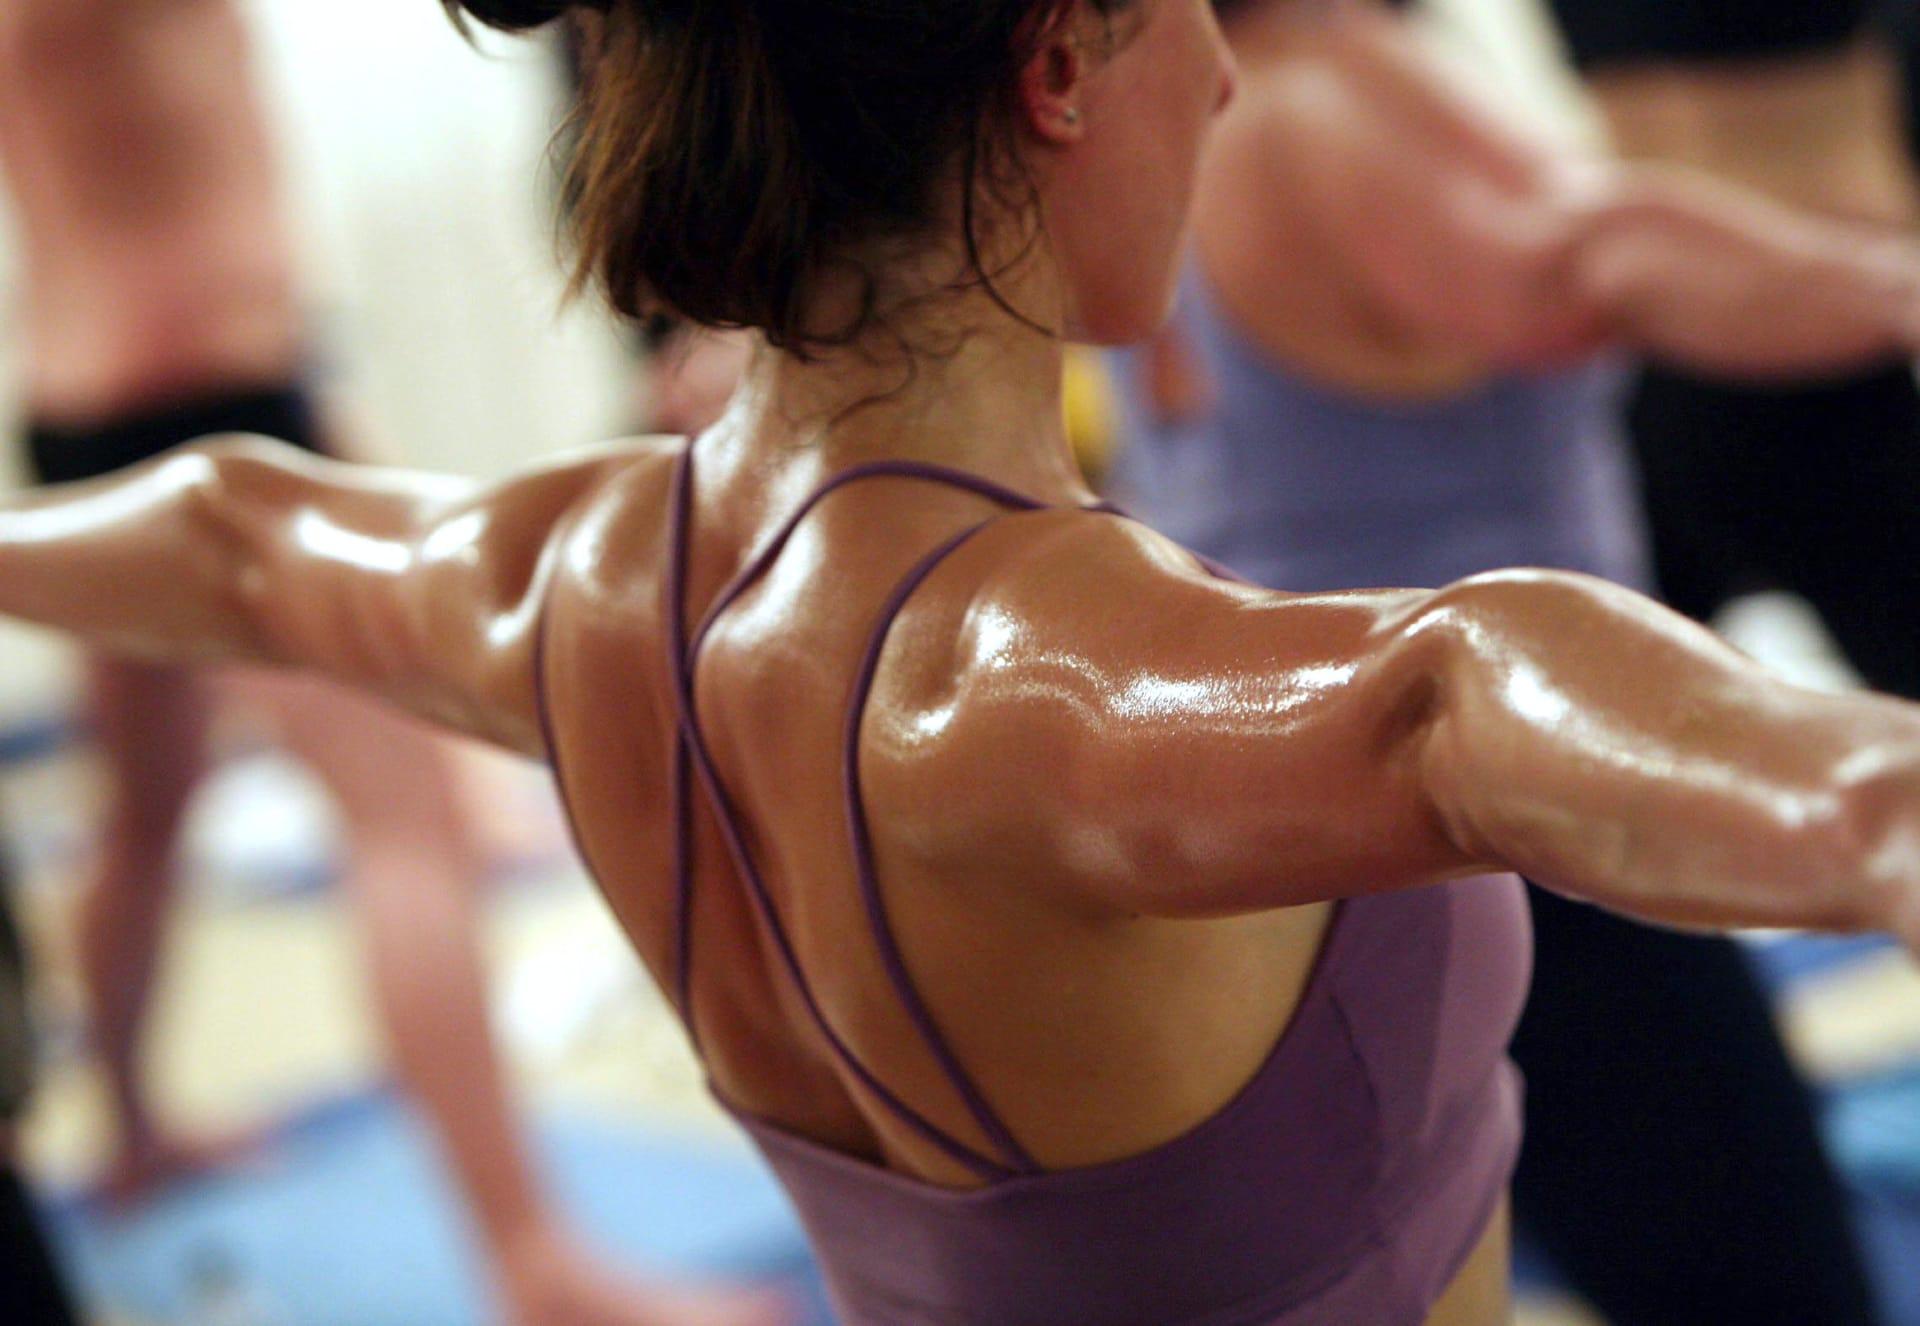 تريد ذاكرة قوية؟ ممارسة التمارين الرياضية قد تكون السر